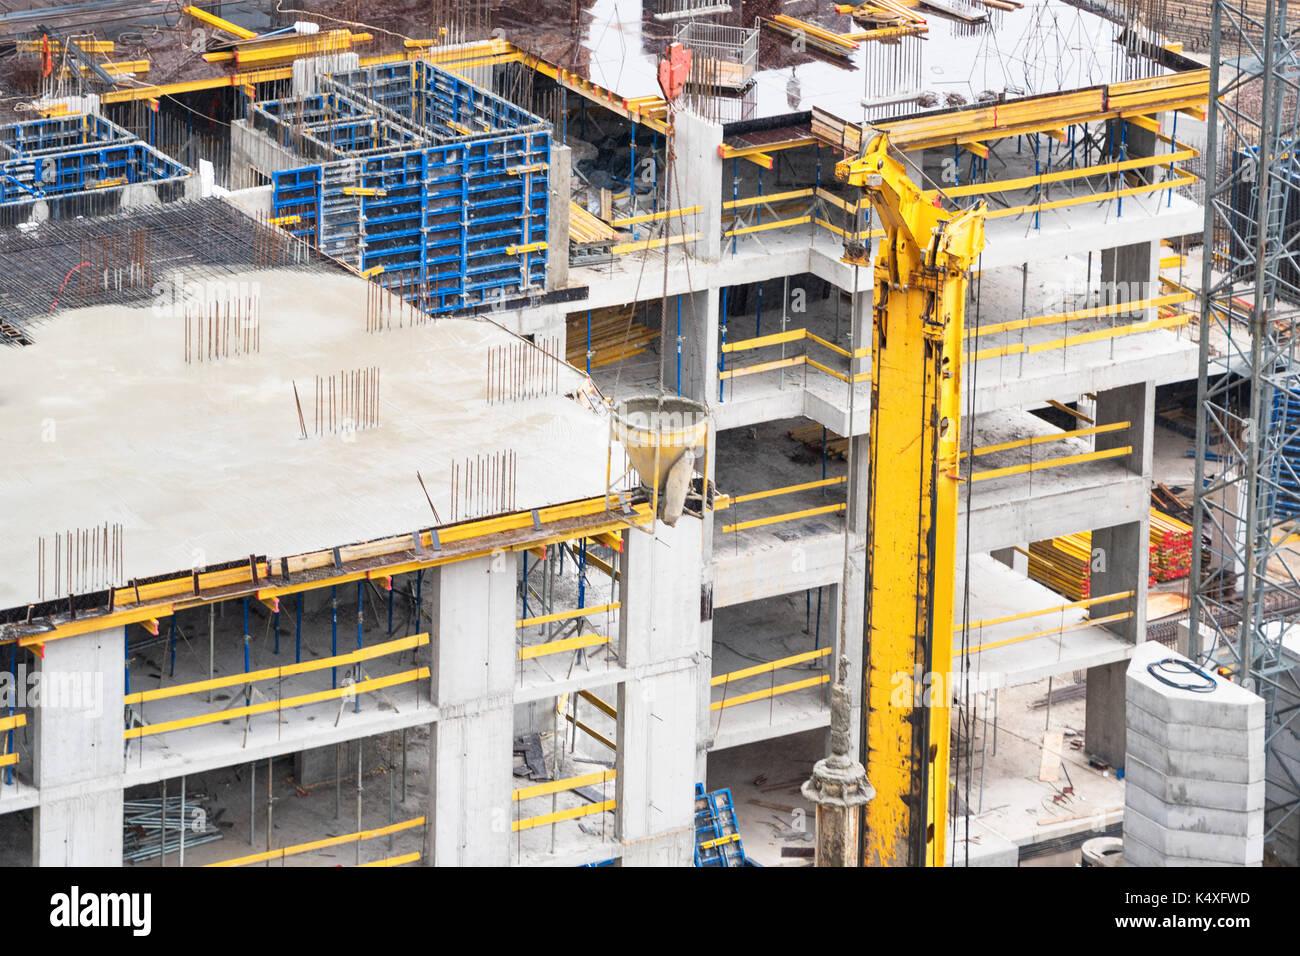 Concrete foundation stock photos concrete foundation for New construction basement